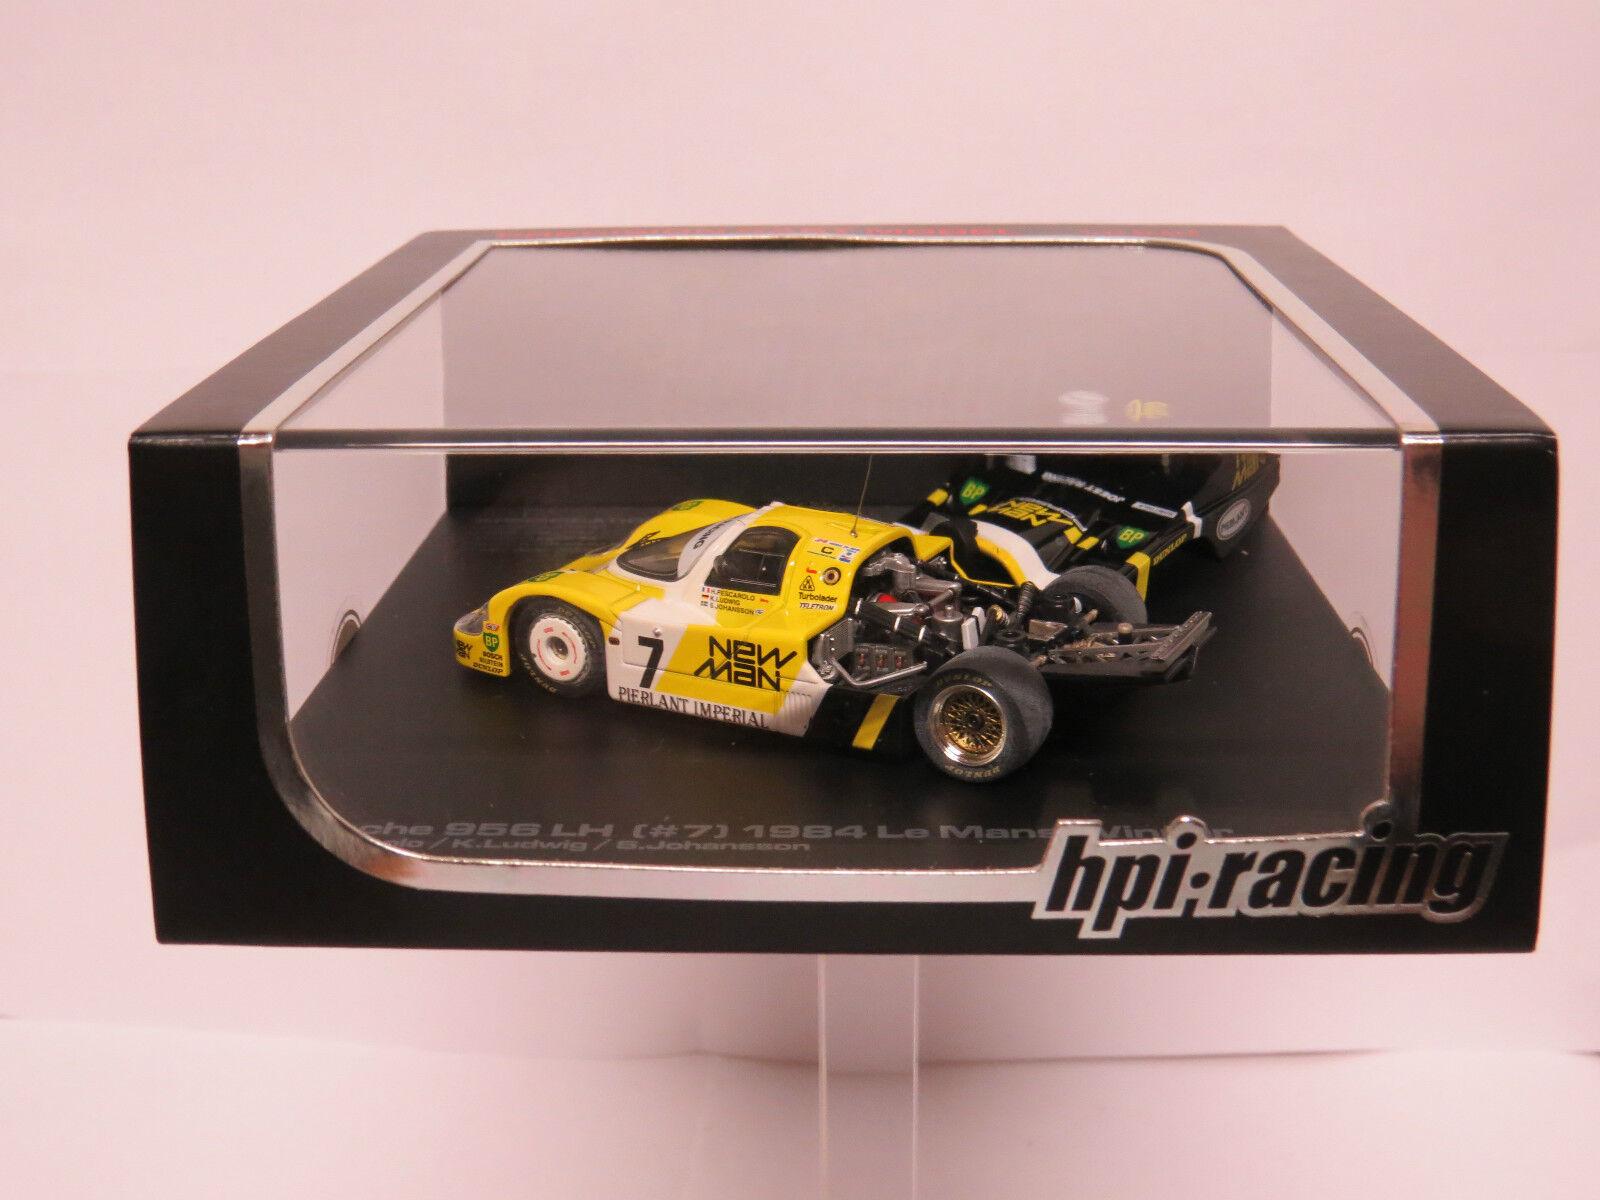 deportes calientes Hpi 939 Porsche 956 956 956 LH  7 Le Mans Winner 1984 1 43  artículos de promoción